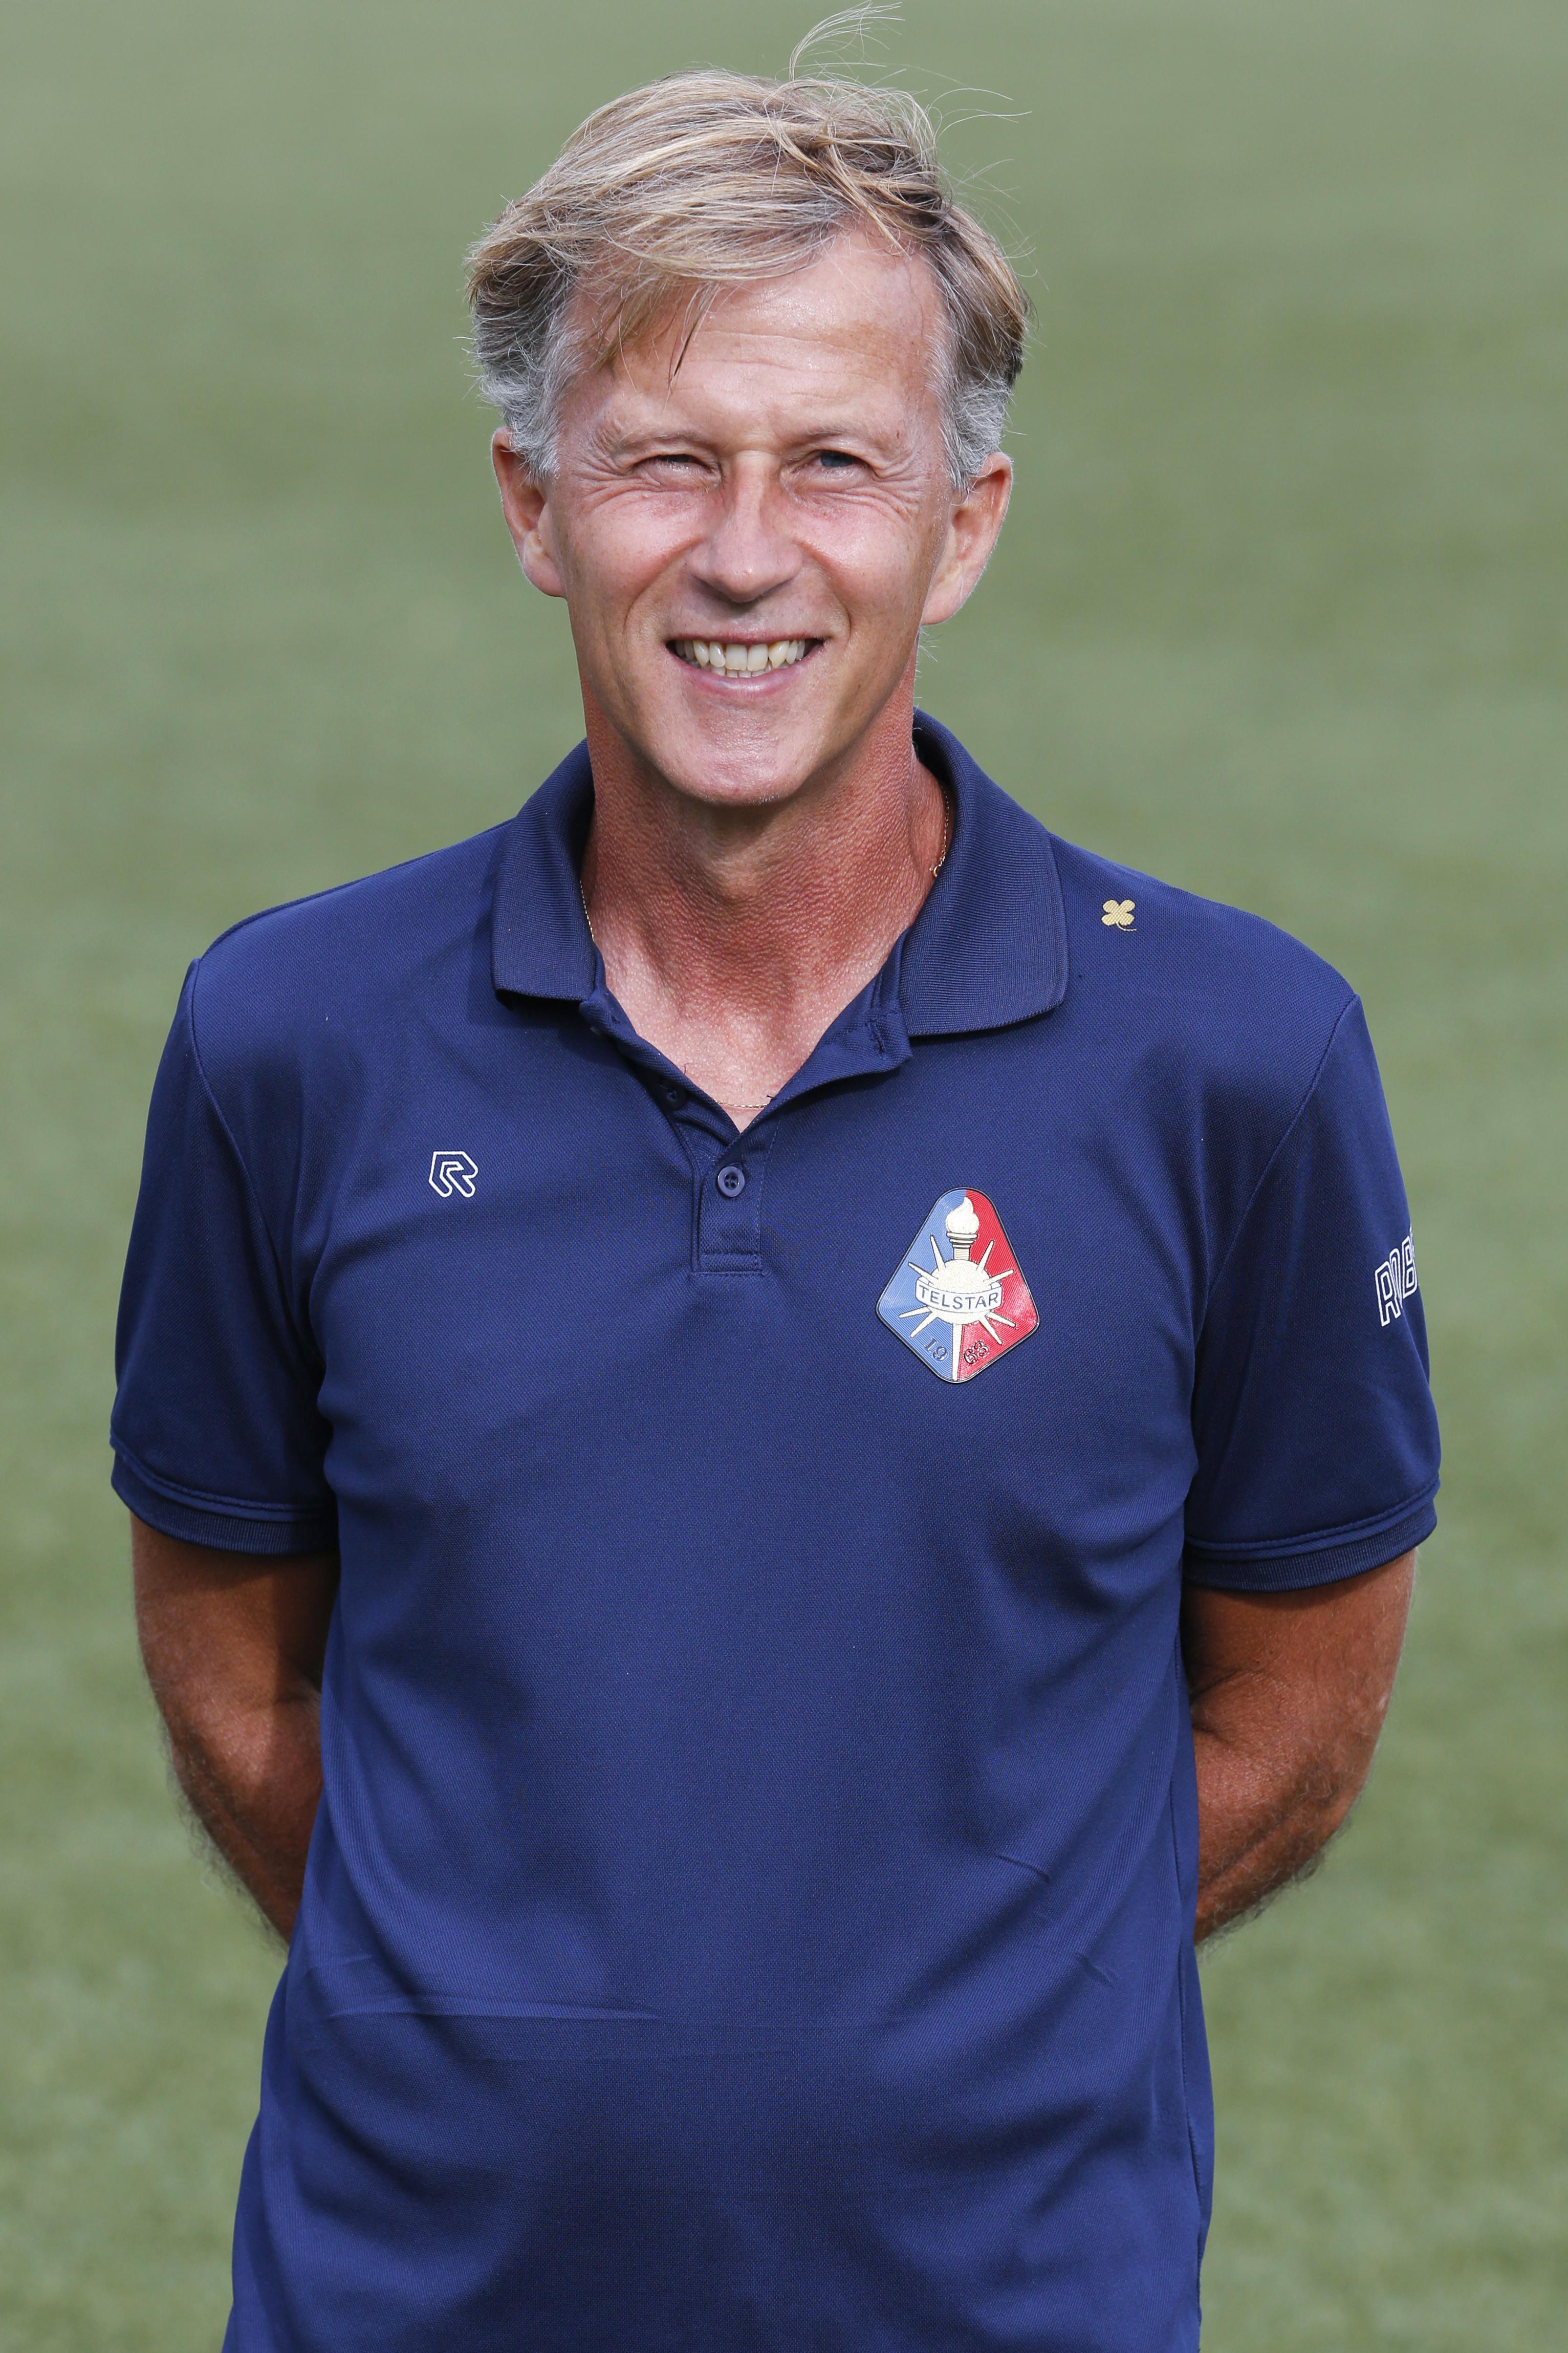 Andries Jonker besloot midden in het seizoen de spelers van Telstar zes dagen vrij te geven: 'Ik vind het een goede beslissing. Wat de buitenwacht daar verder van vindt? Het zal wel'